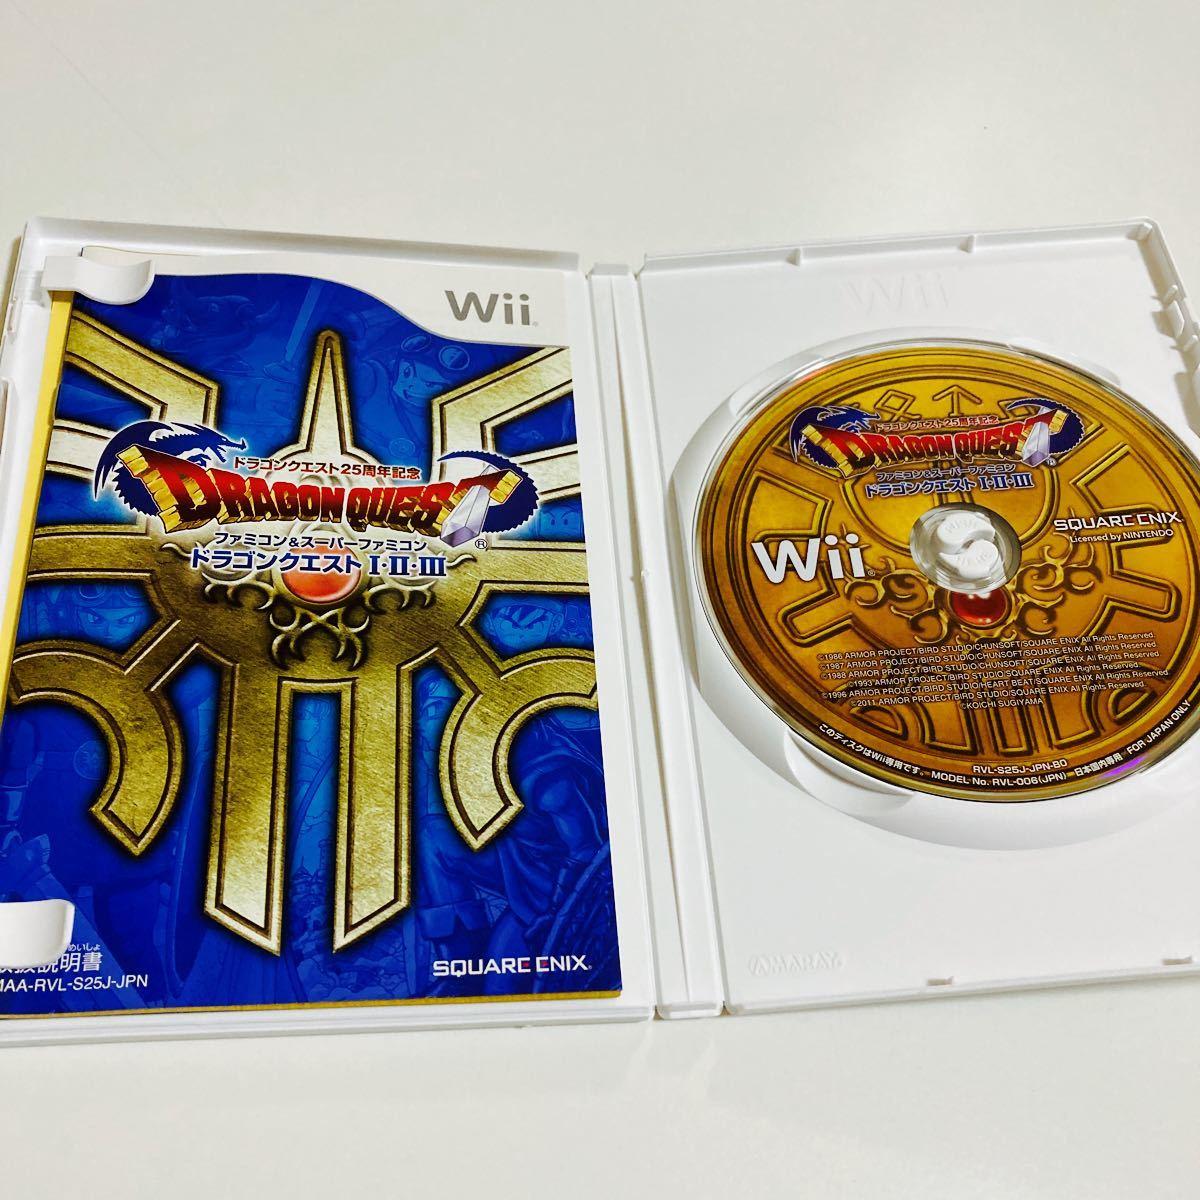 Wii ドラゴンクエストI・II・III 【Wiiソフト+公式ガイドブック復刻版+実物大ちいさなメダル+冒険の世界地図】